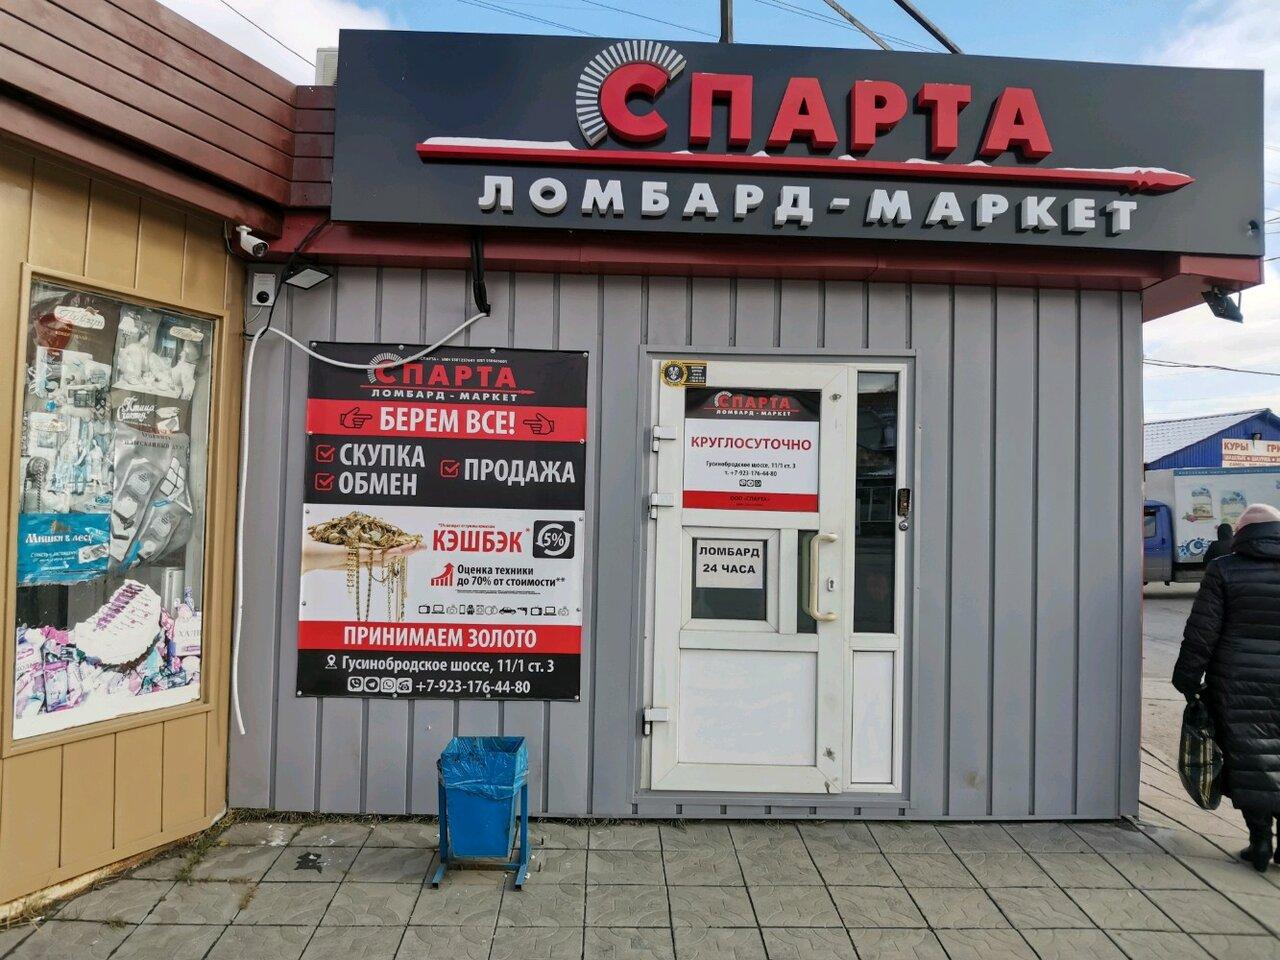 Новосибирск ломбард часы продать в lenzkirch продать часы купить